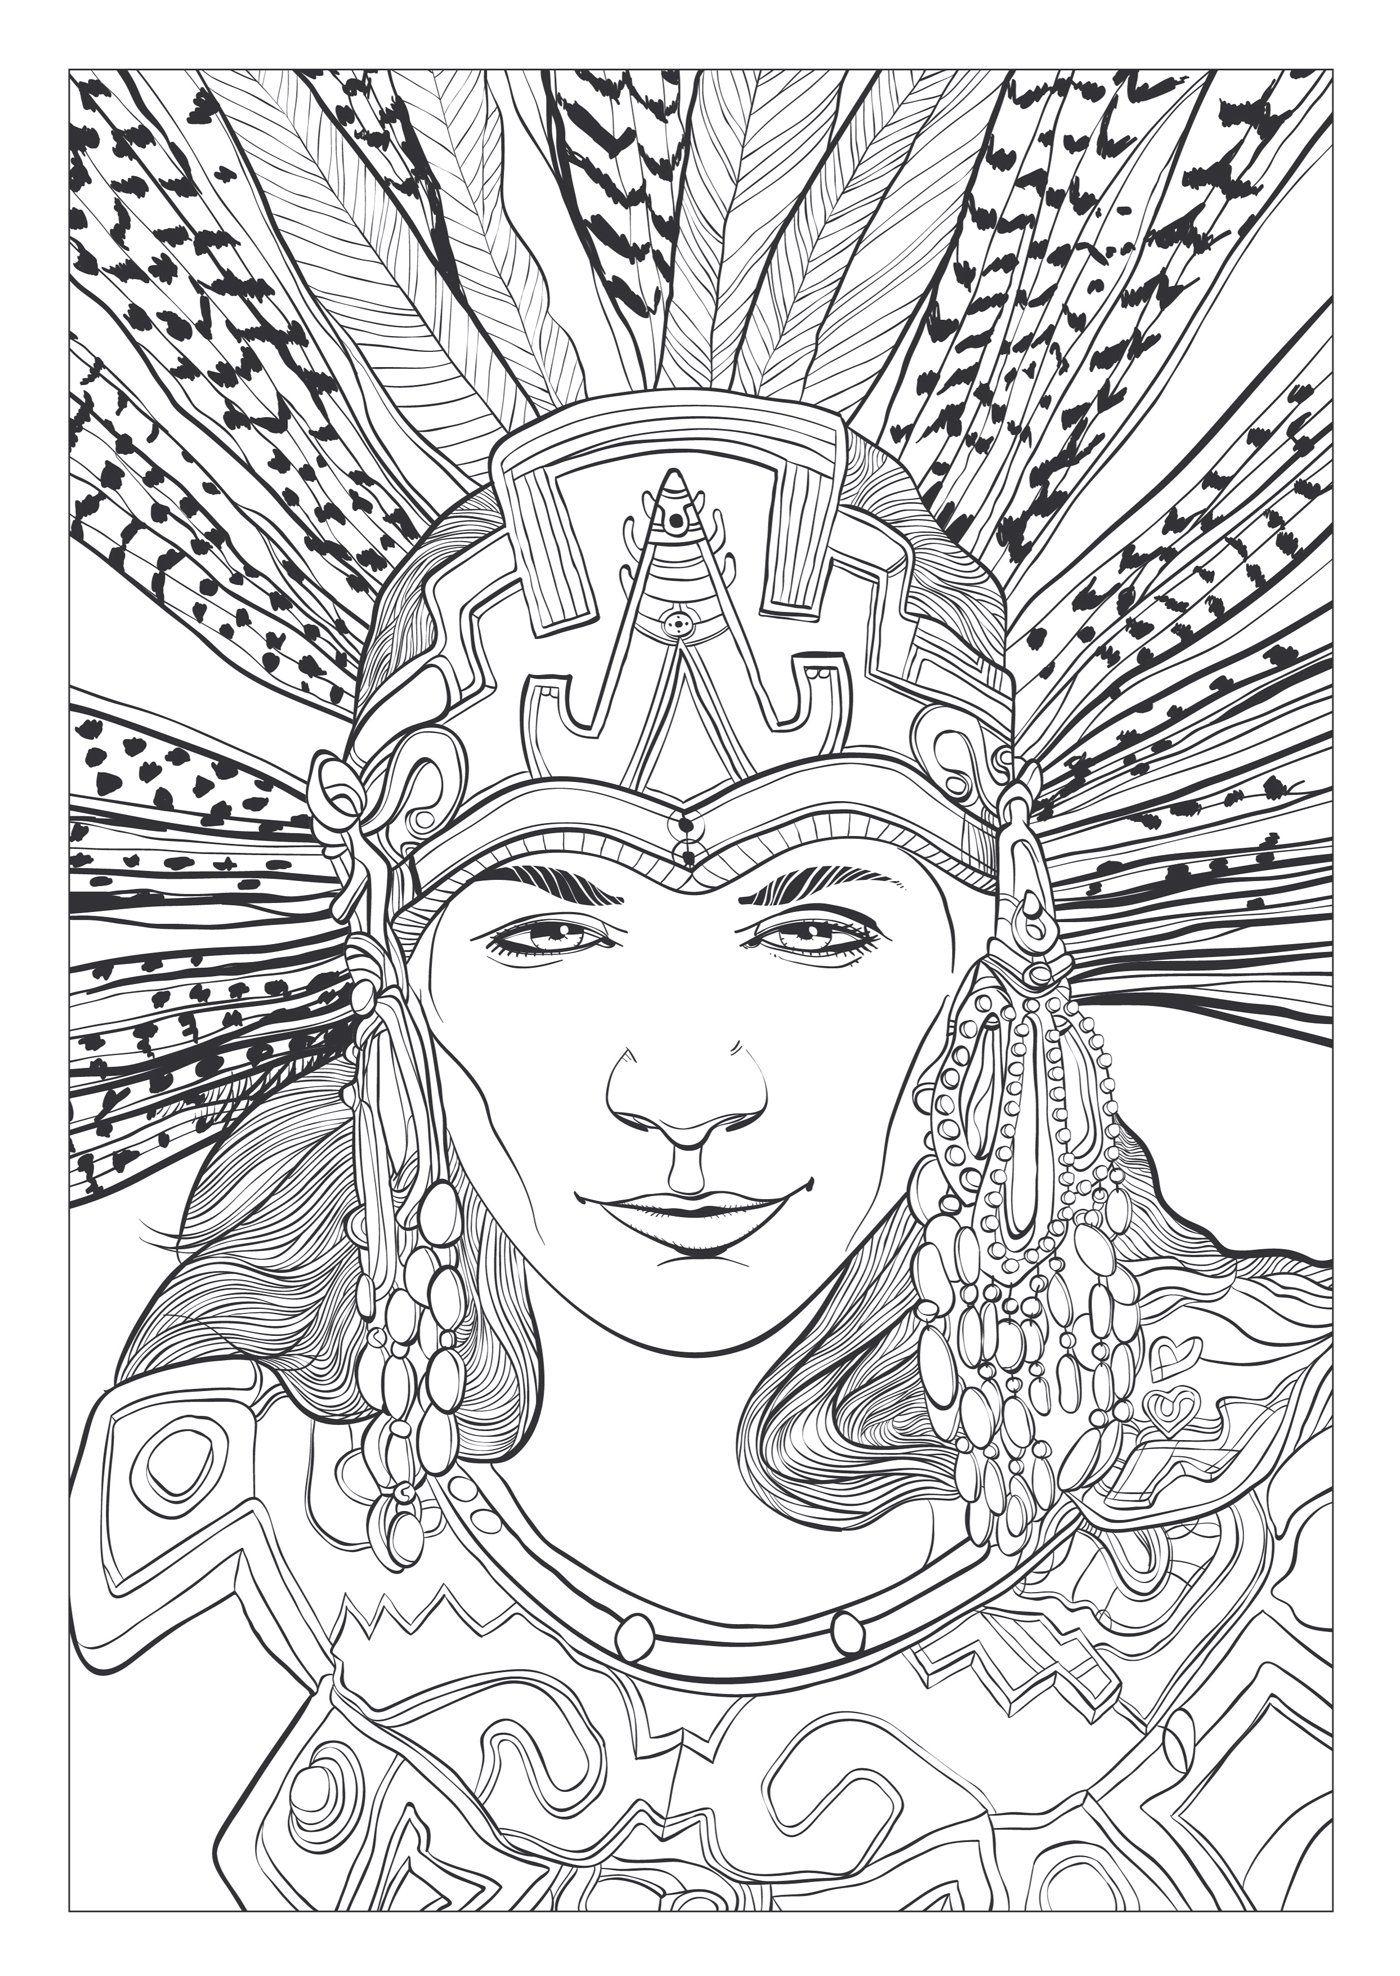 Mayas et azt ques 100 coloriages anti stress michel solliec katherine - Dessin azteque ...